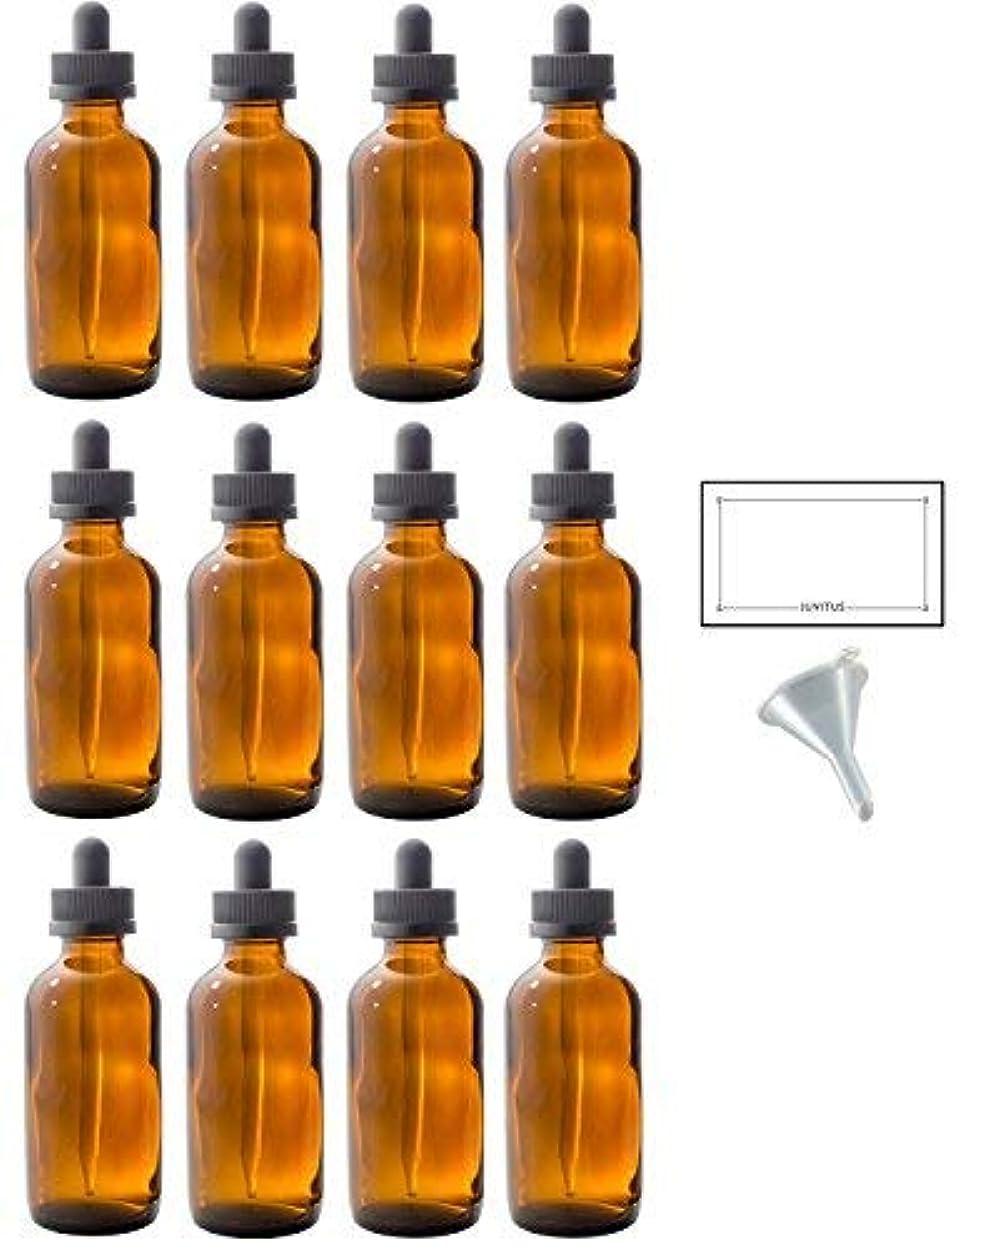 定義する優越香り4 oz Amber Glass Boston Round Dropper Bottle (12 pack) + Funnel and Labels for essential oils, aromatherapy, e-liquid...